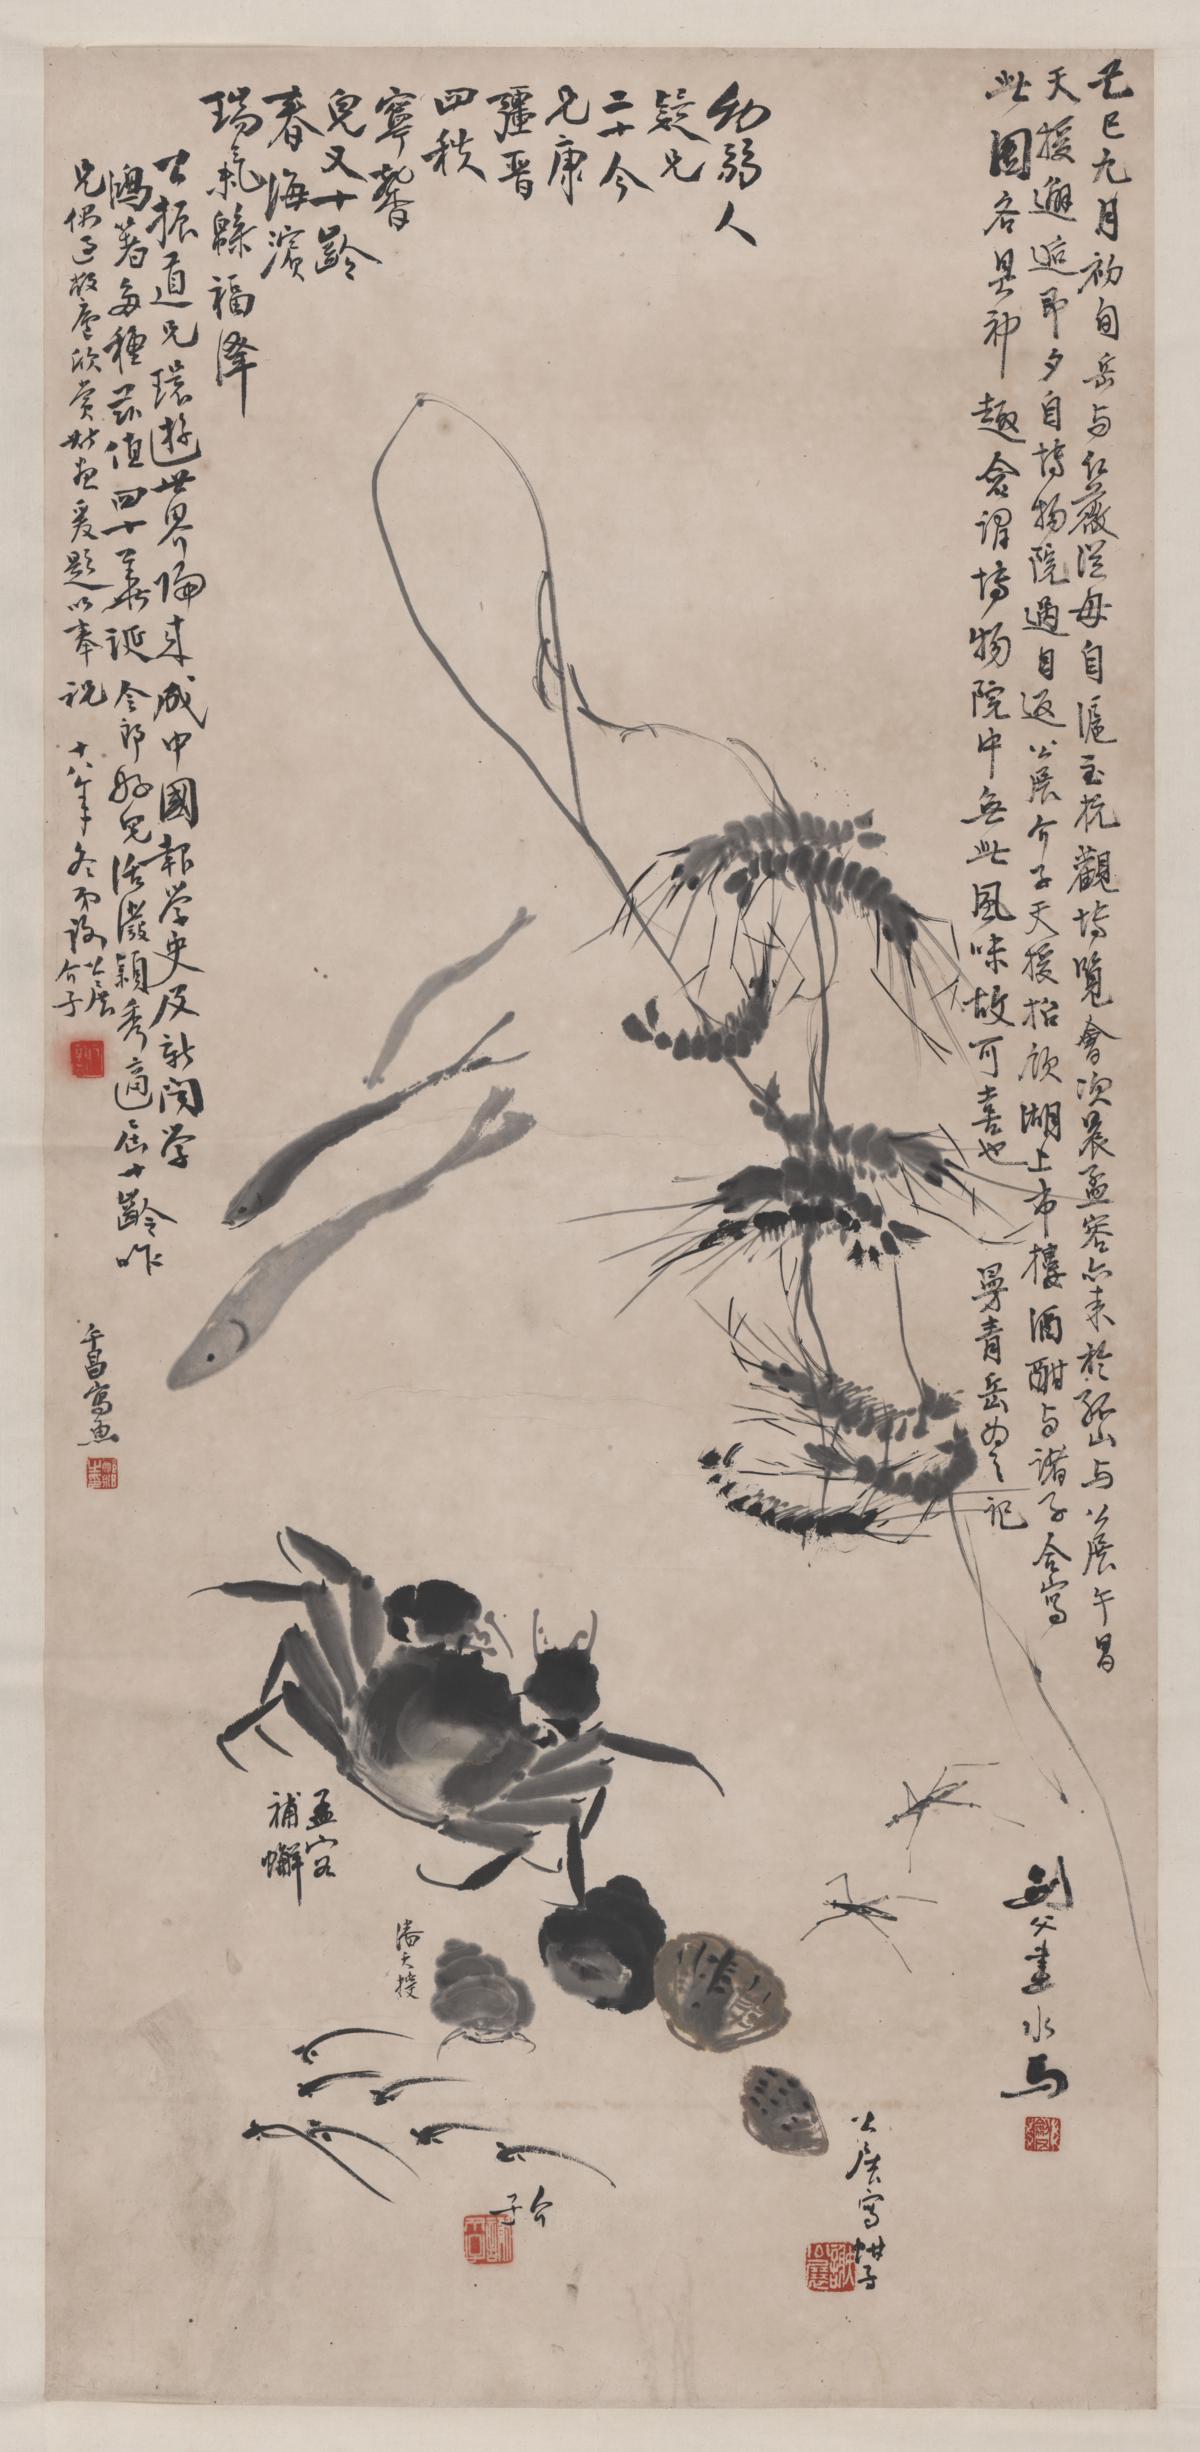 174潘天寿、高剑父等四人-水族图